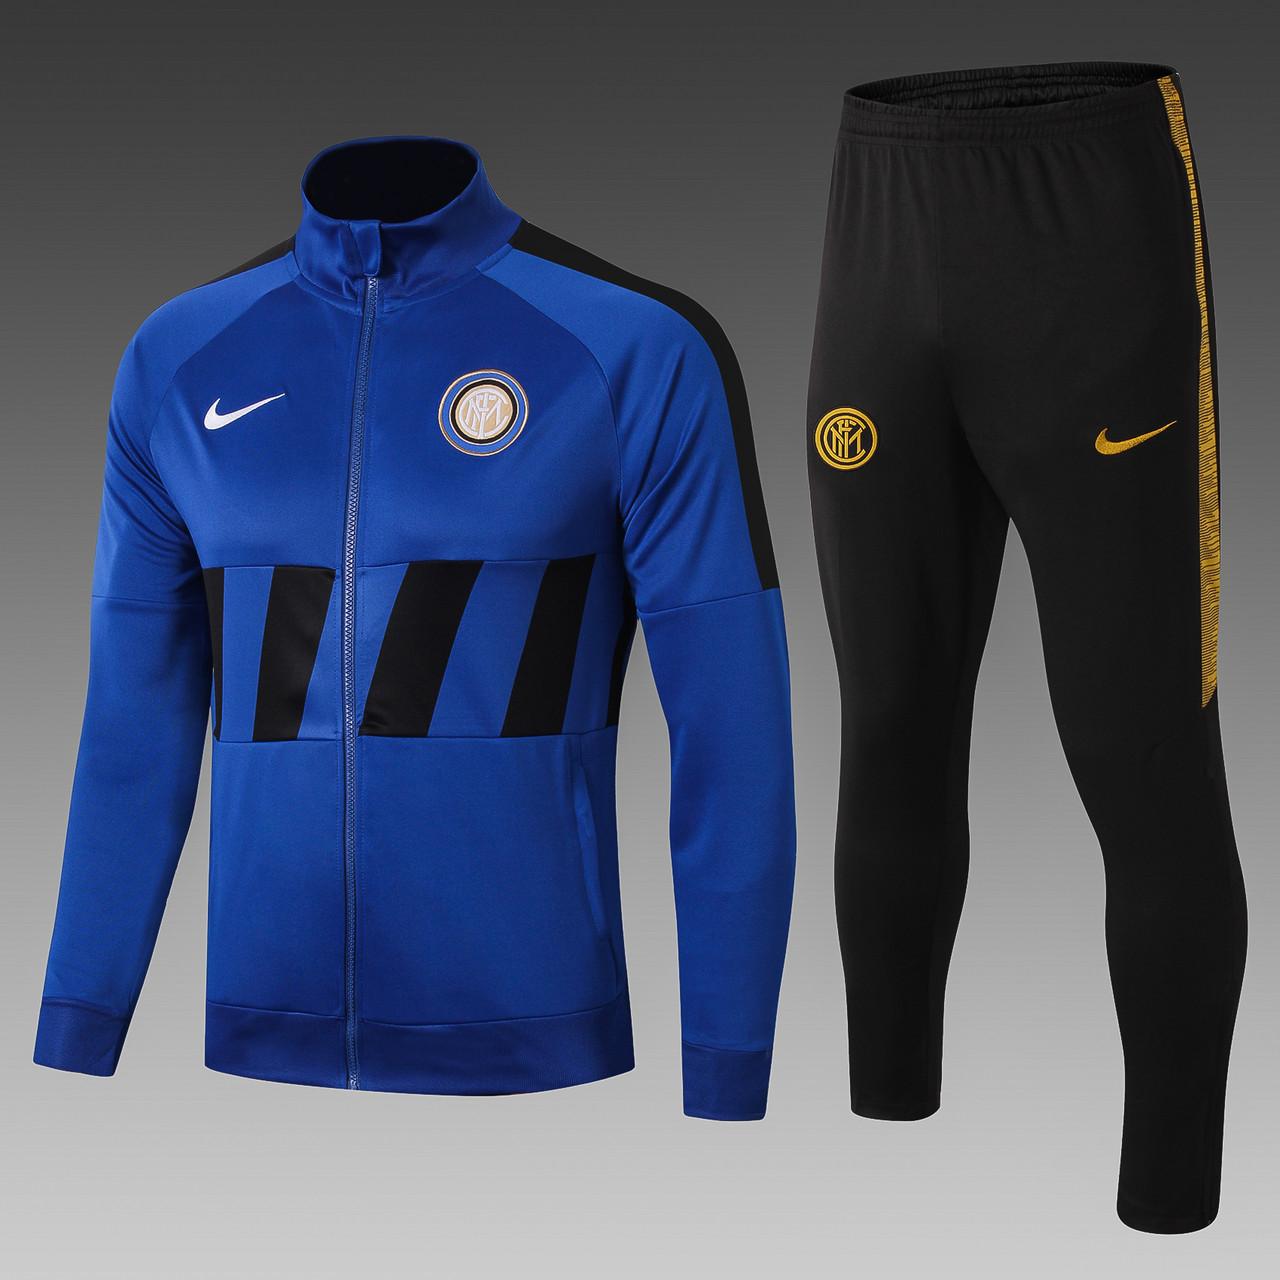 Мужской спортивный тренировочный костюм Интер (Милан) Inter, 2019-20